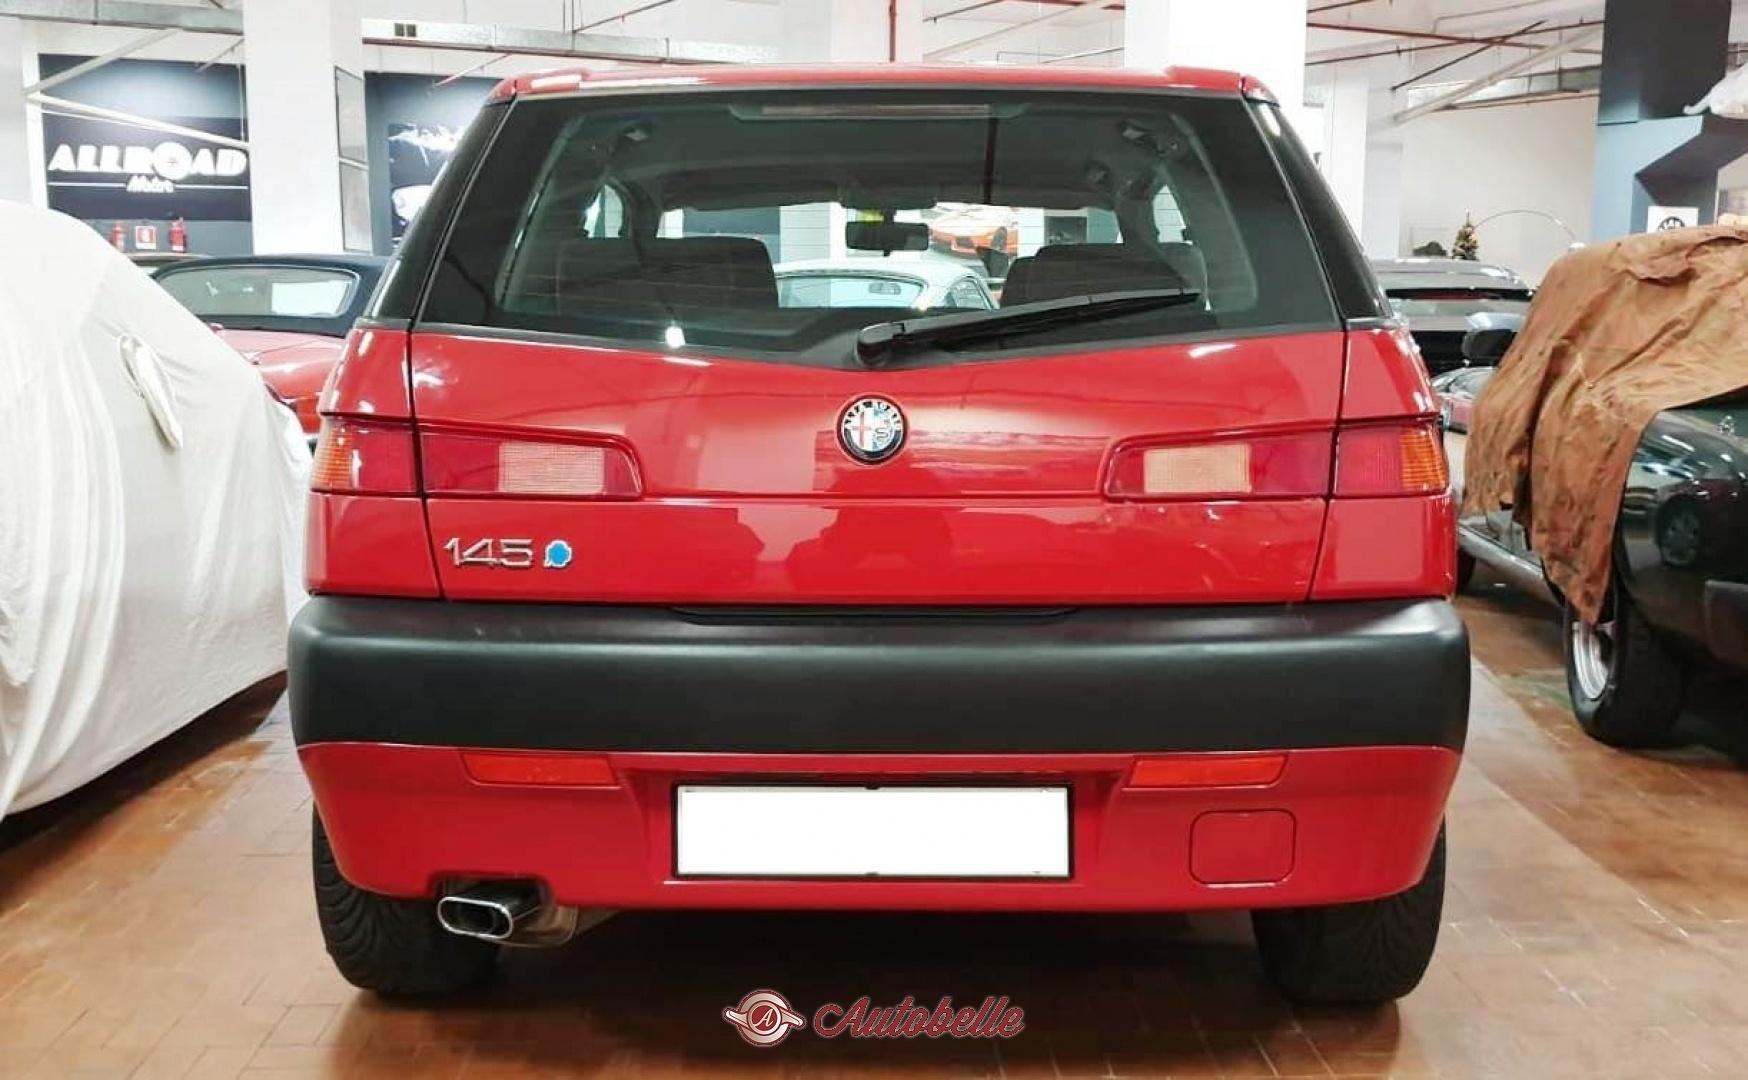 Alfa Romeo 145 Quadrifoglio Oro 2